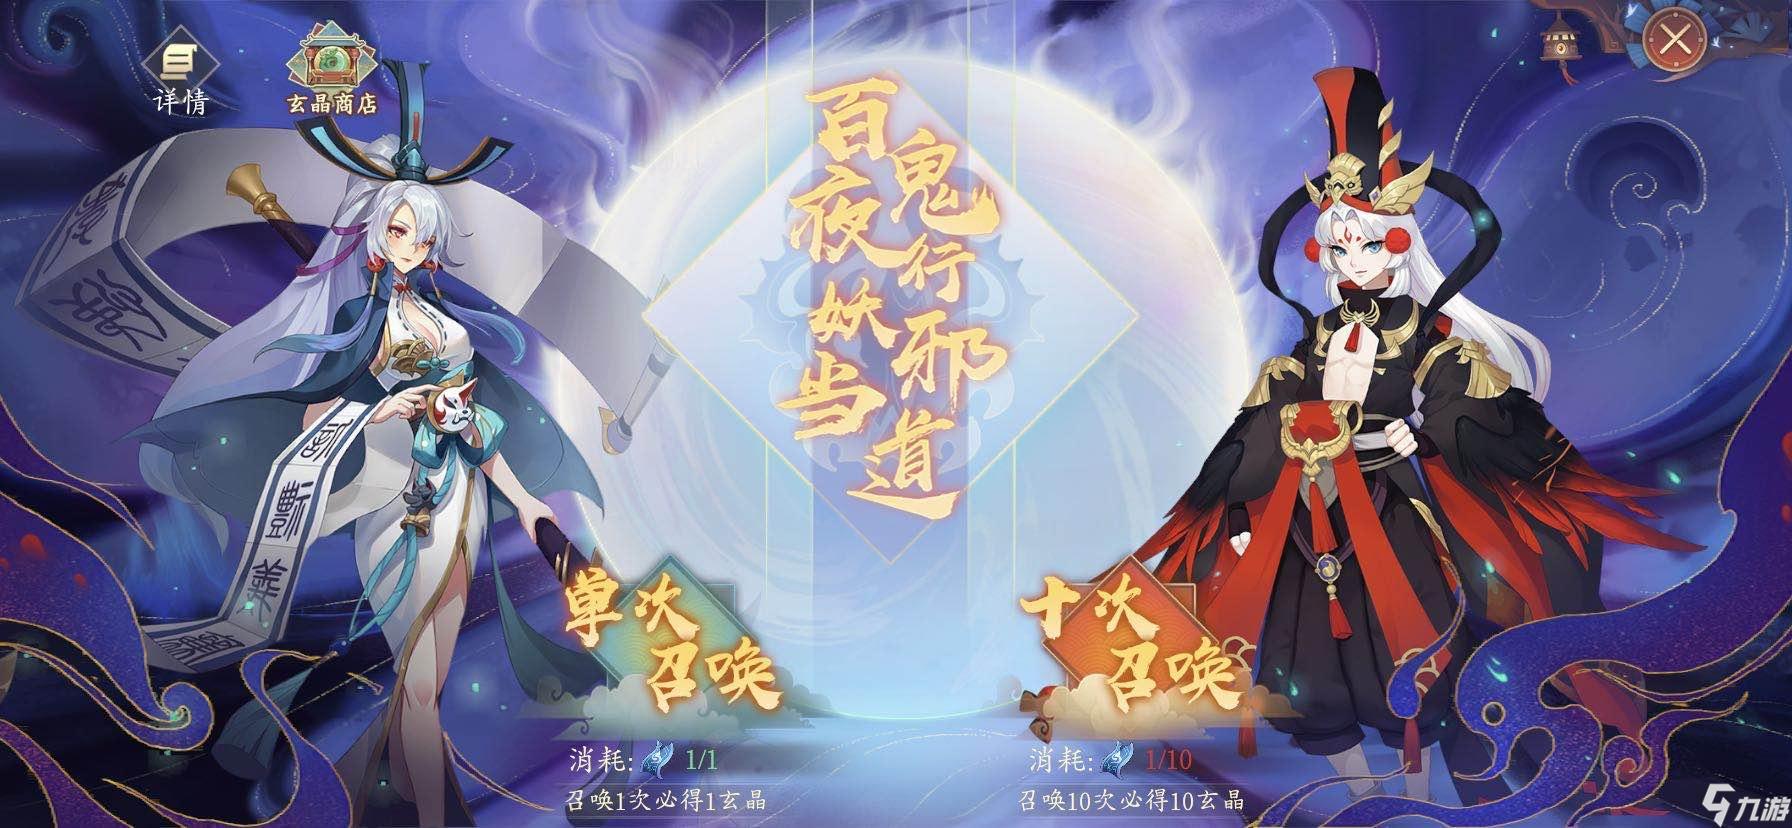 太古妖皇决仙藏系统怎么玩法攻略